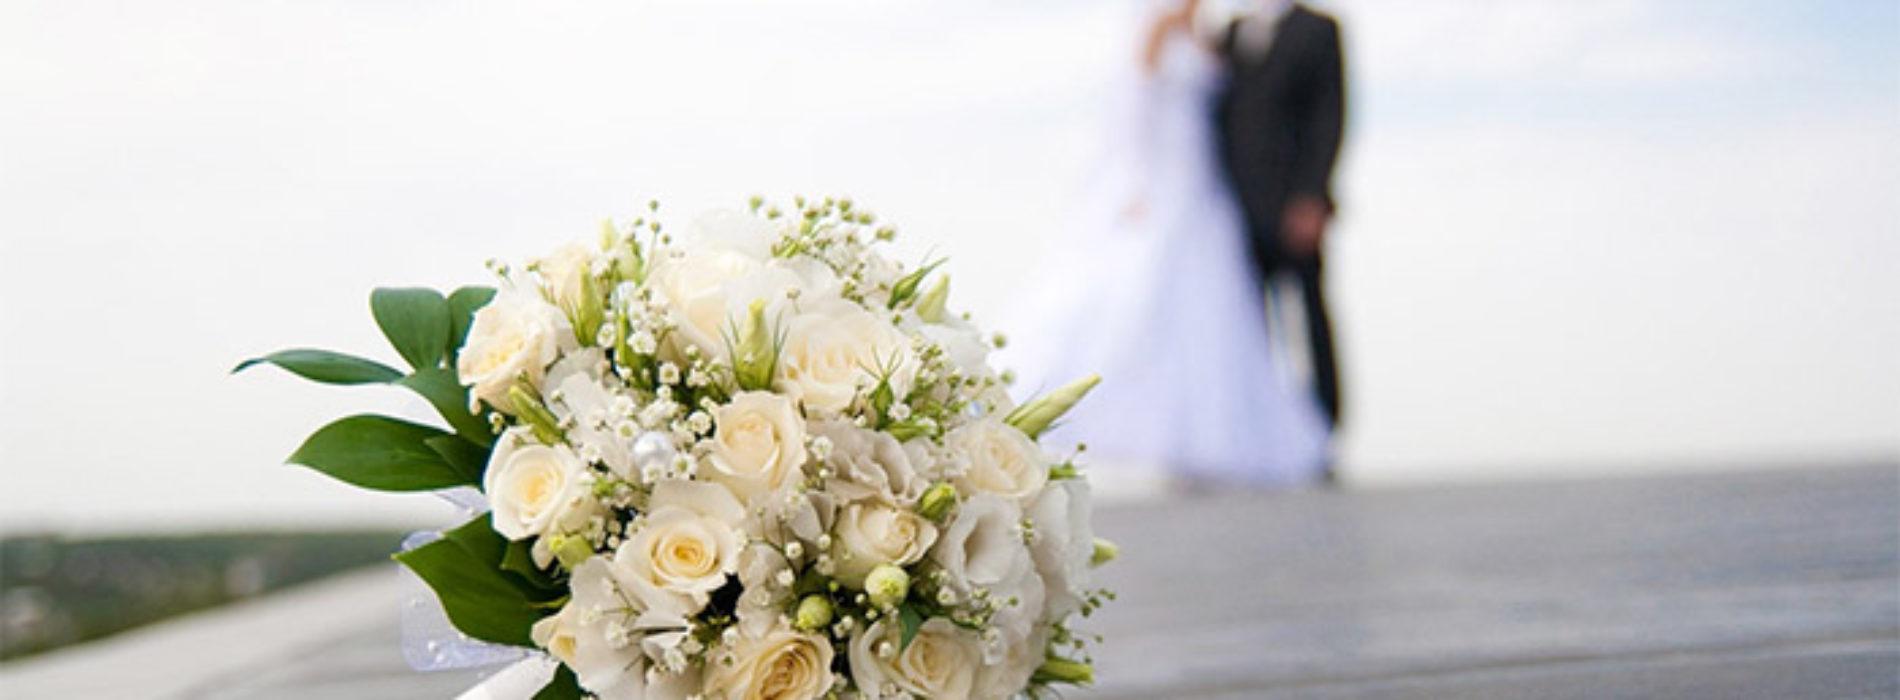 Le più belle chiese della Costiera Amalfitana da scegliere per il matrimonio